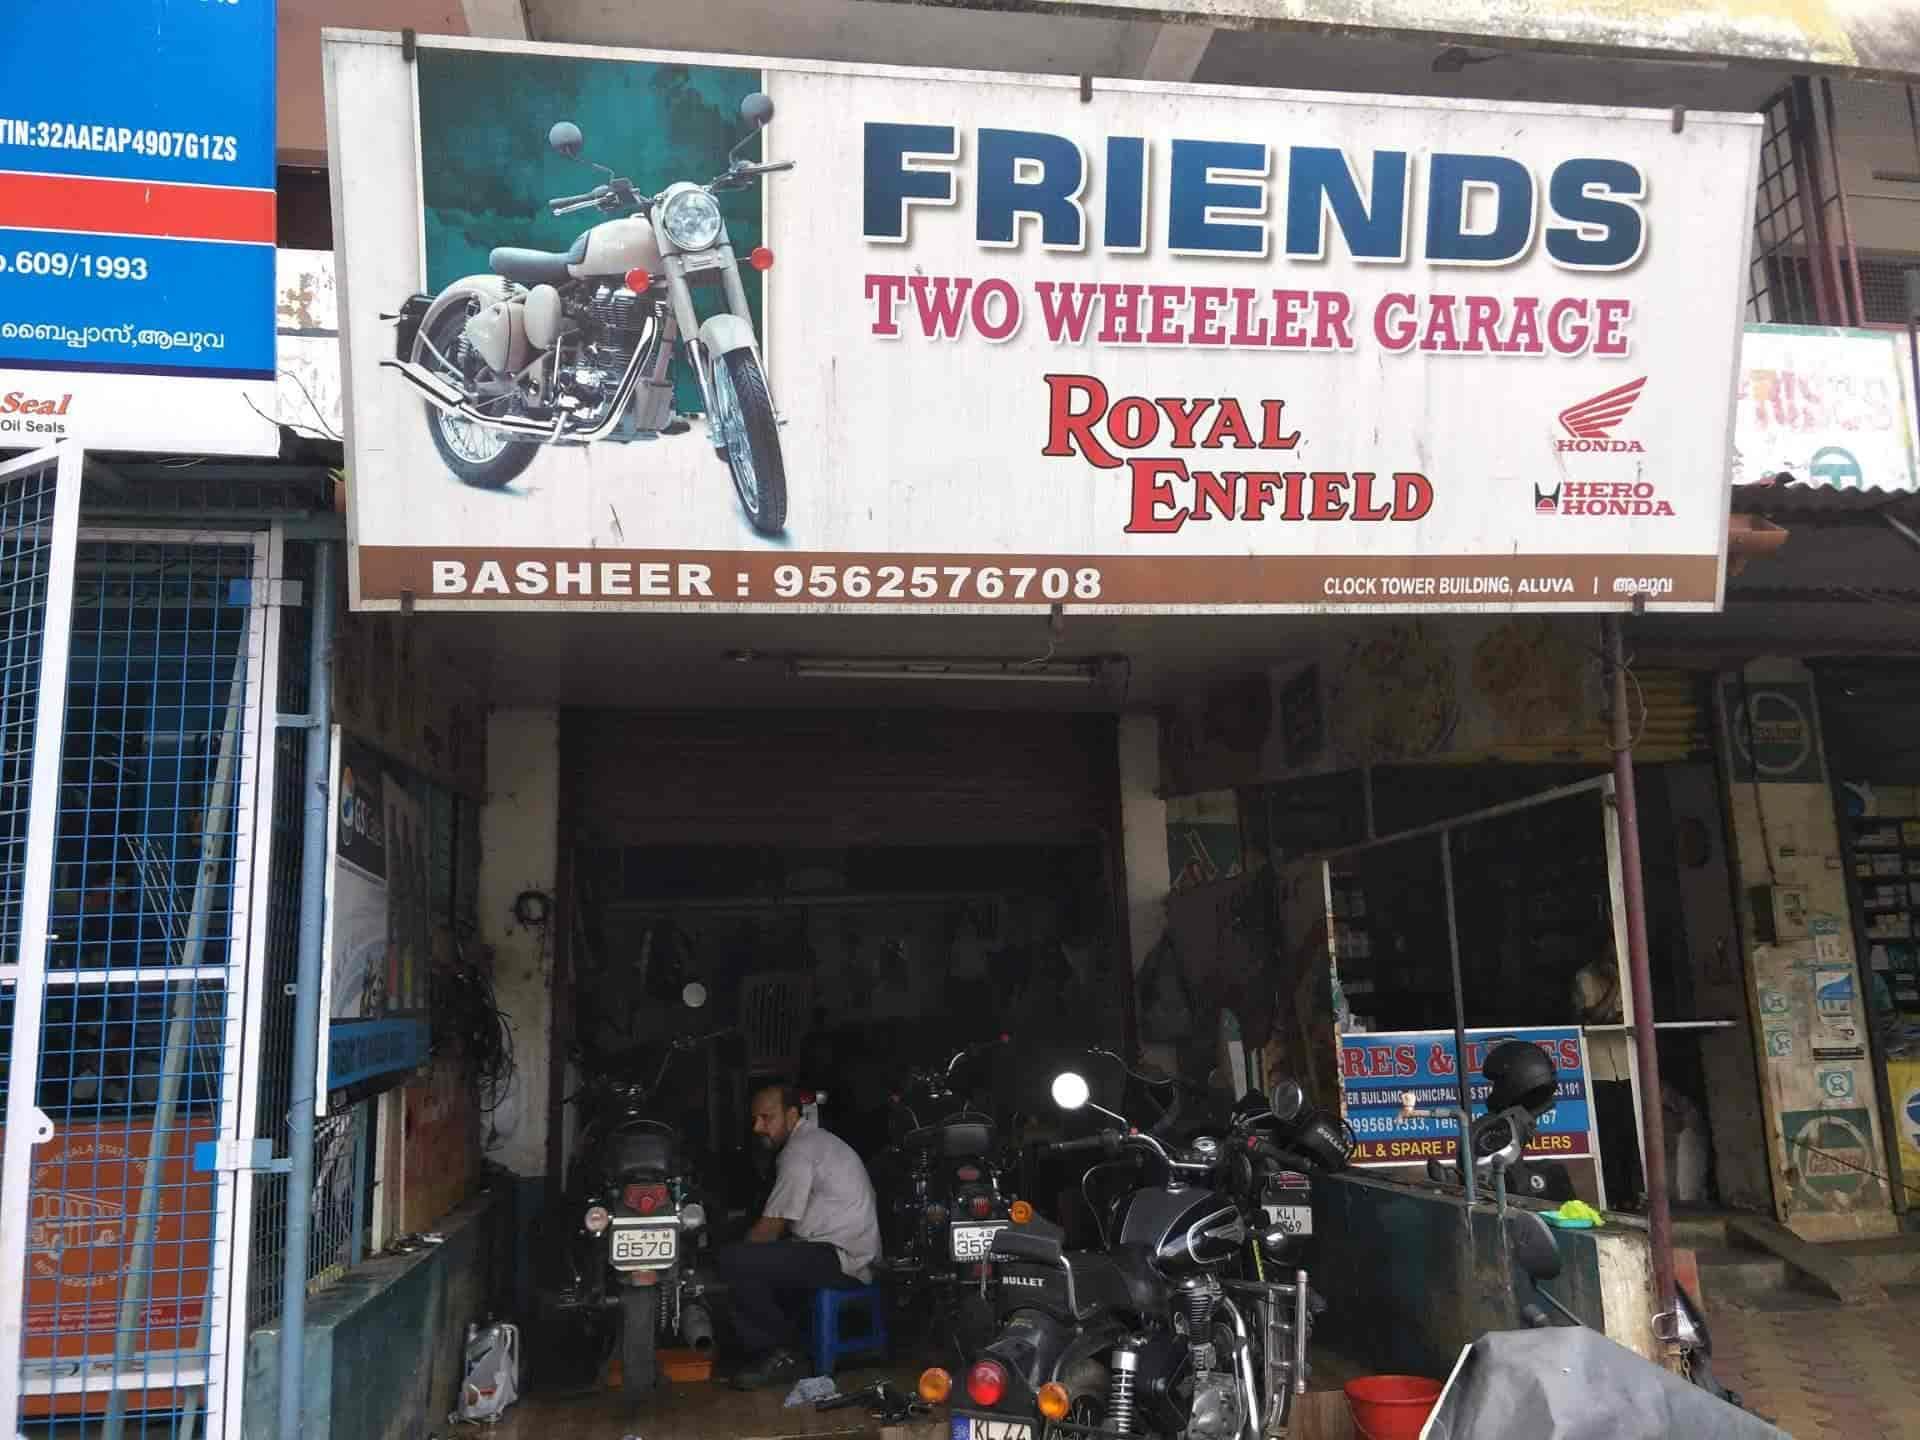 Friends Two Wheeler Garage, Aluva - Motorcycle Repair